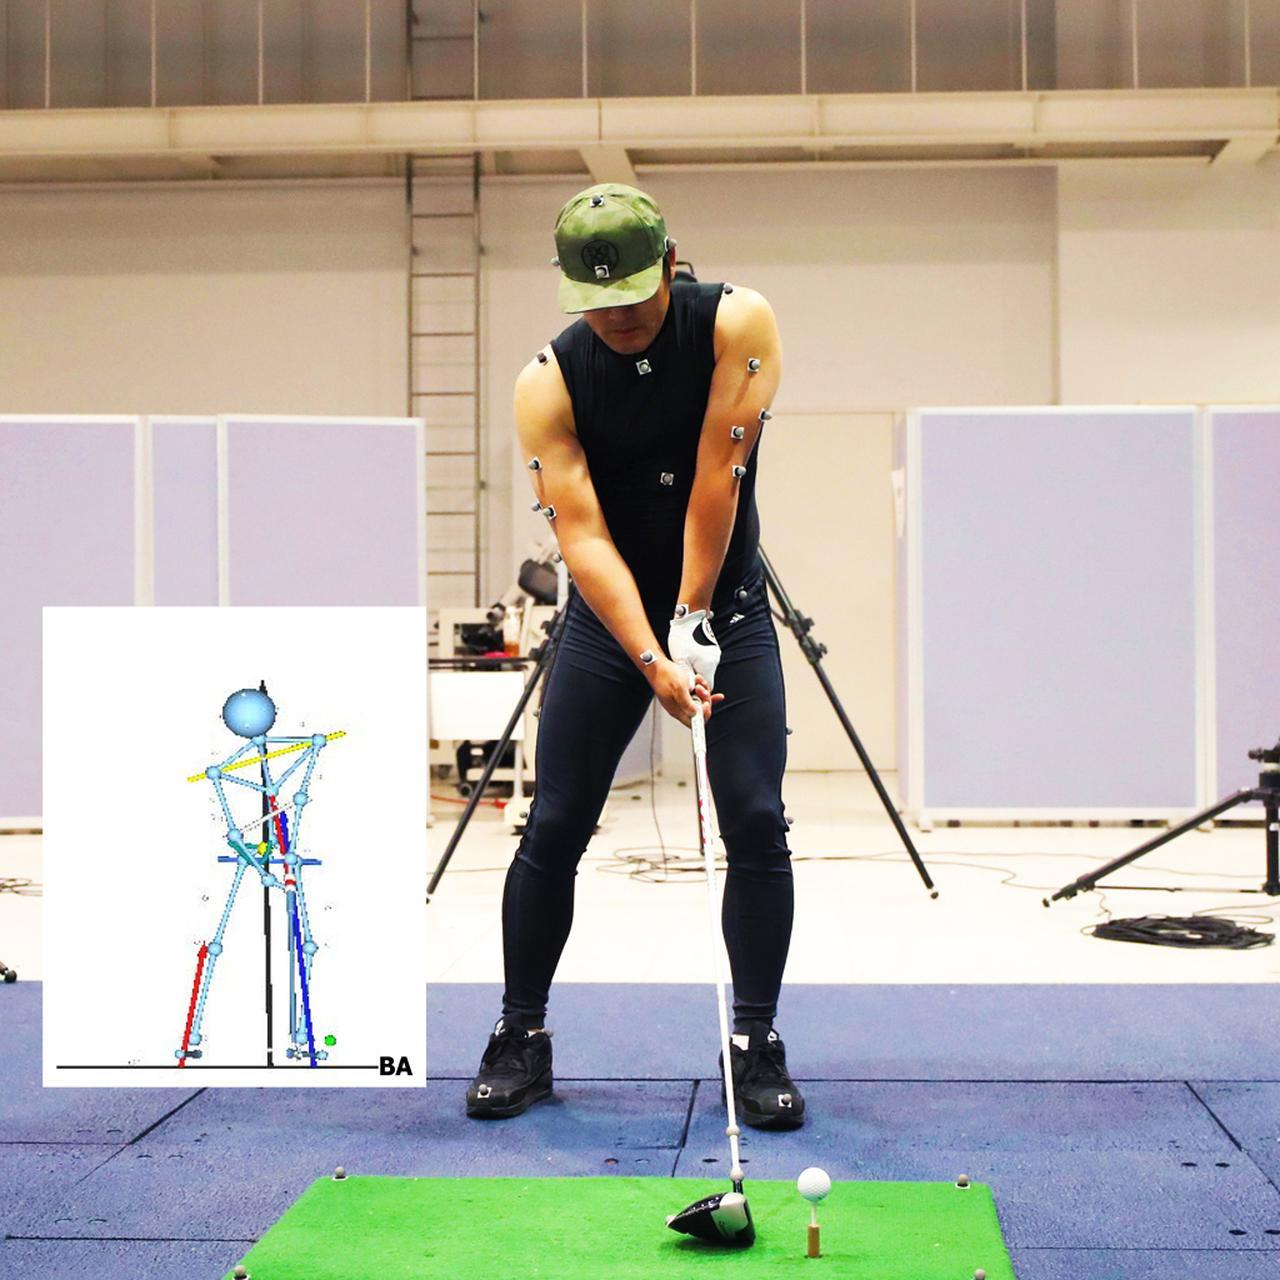 画像2: 【チェ・ホソン】反力打法のDr.クォンがフィッシャーマンズスウィングを解剖。片足で回ると飛距離が伸びるその仕組み